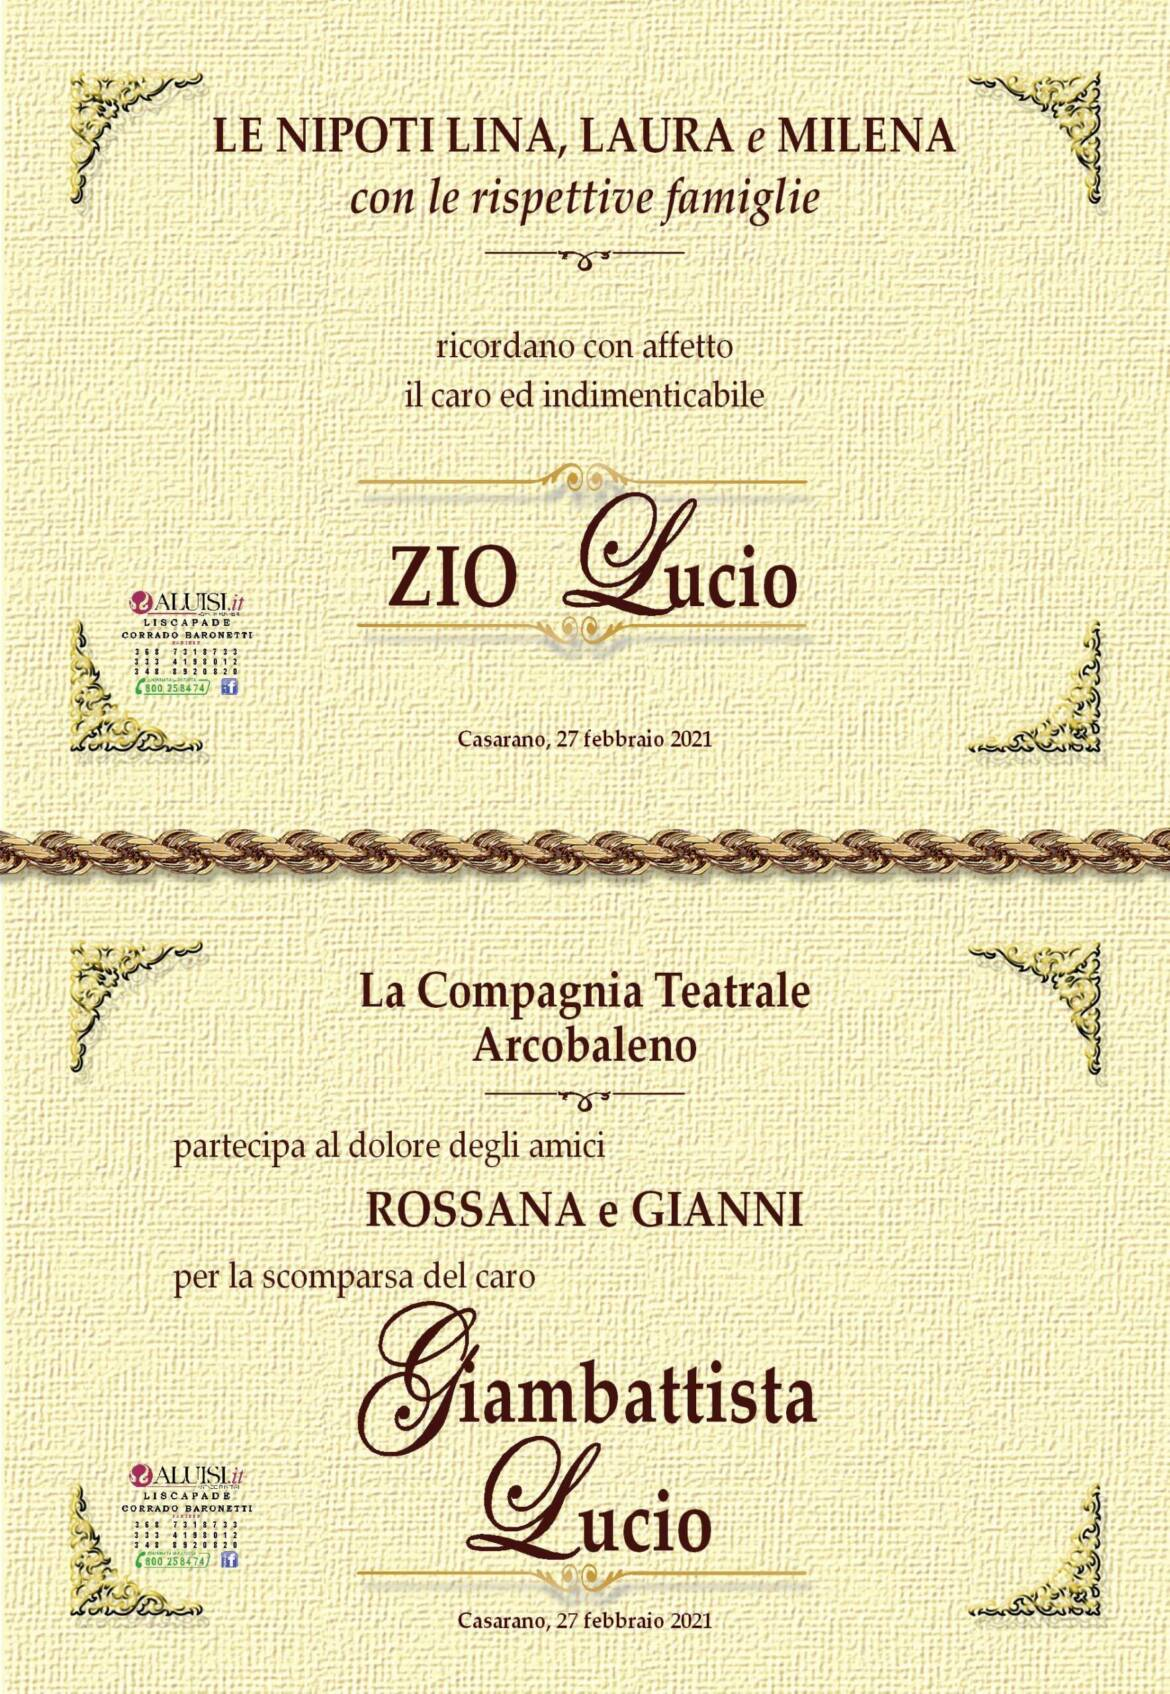 PARTECIPAZIONI-GIAMBATISTA-CASRANO2-1-scaled.jpg